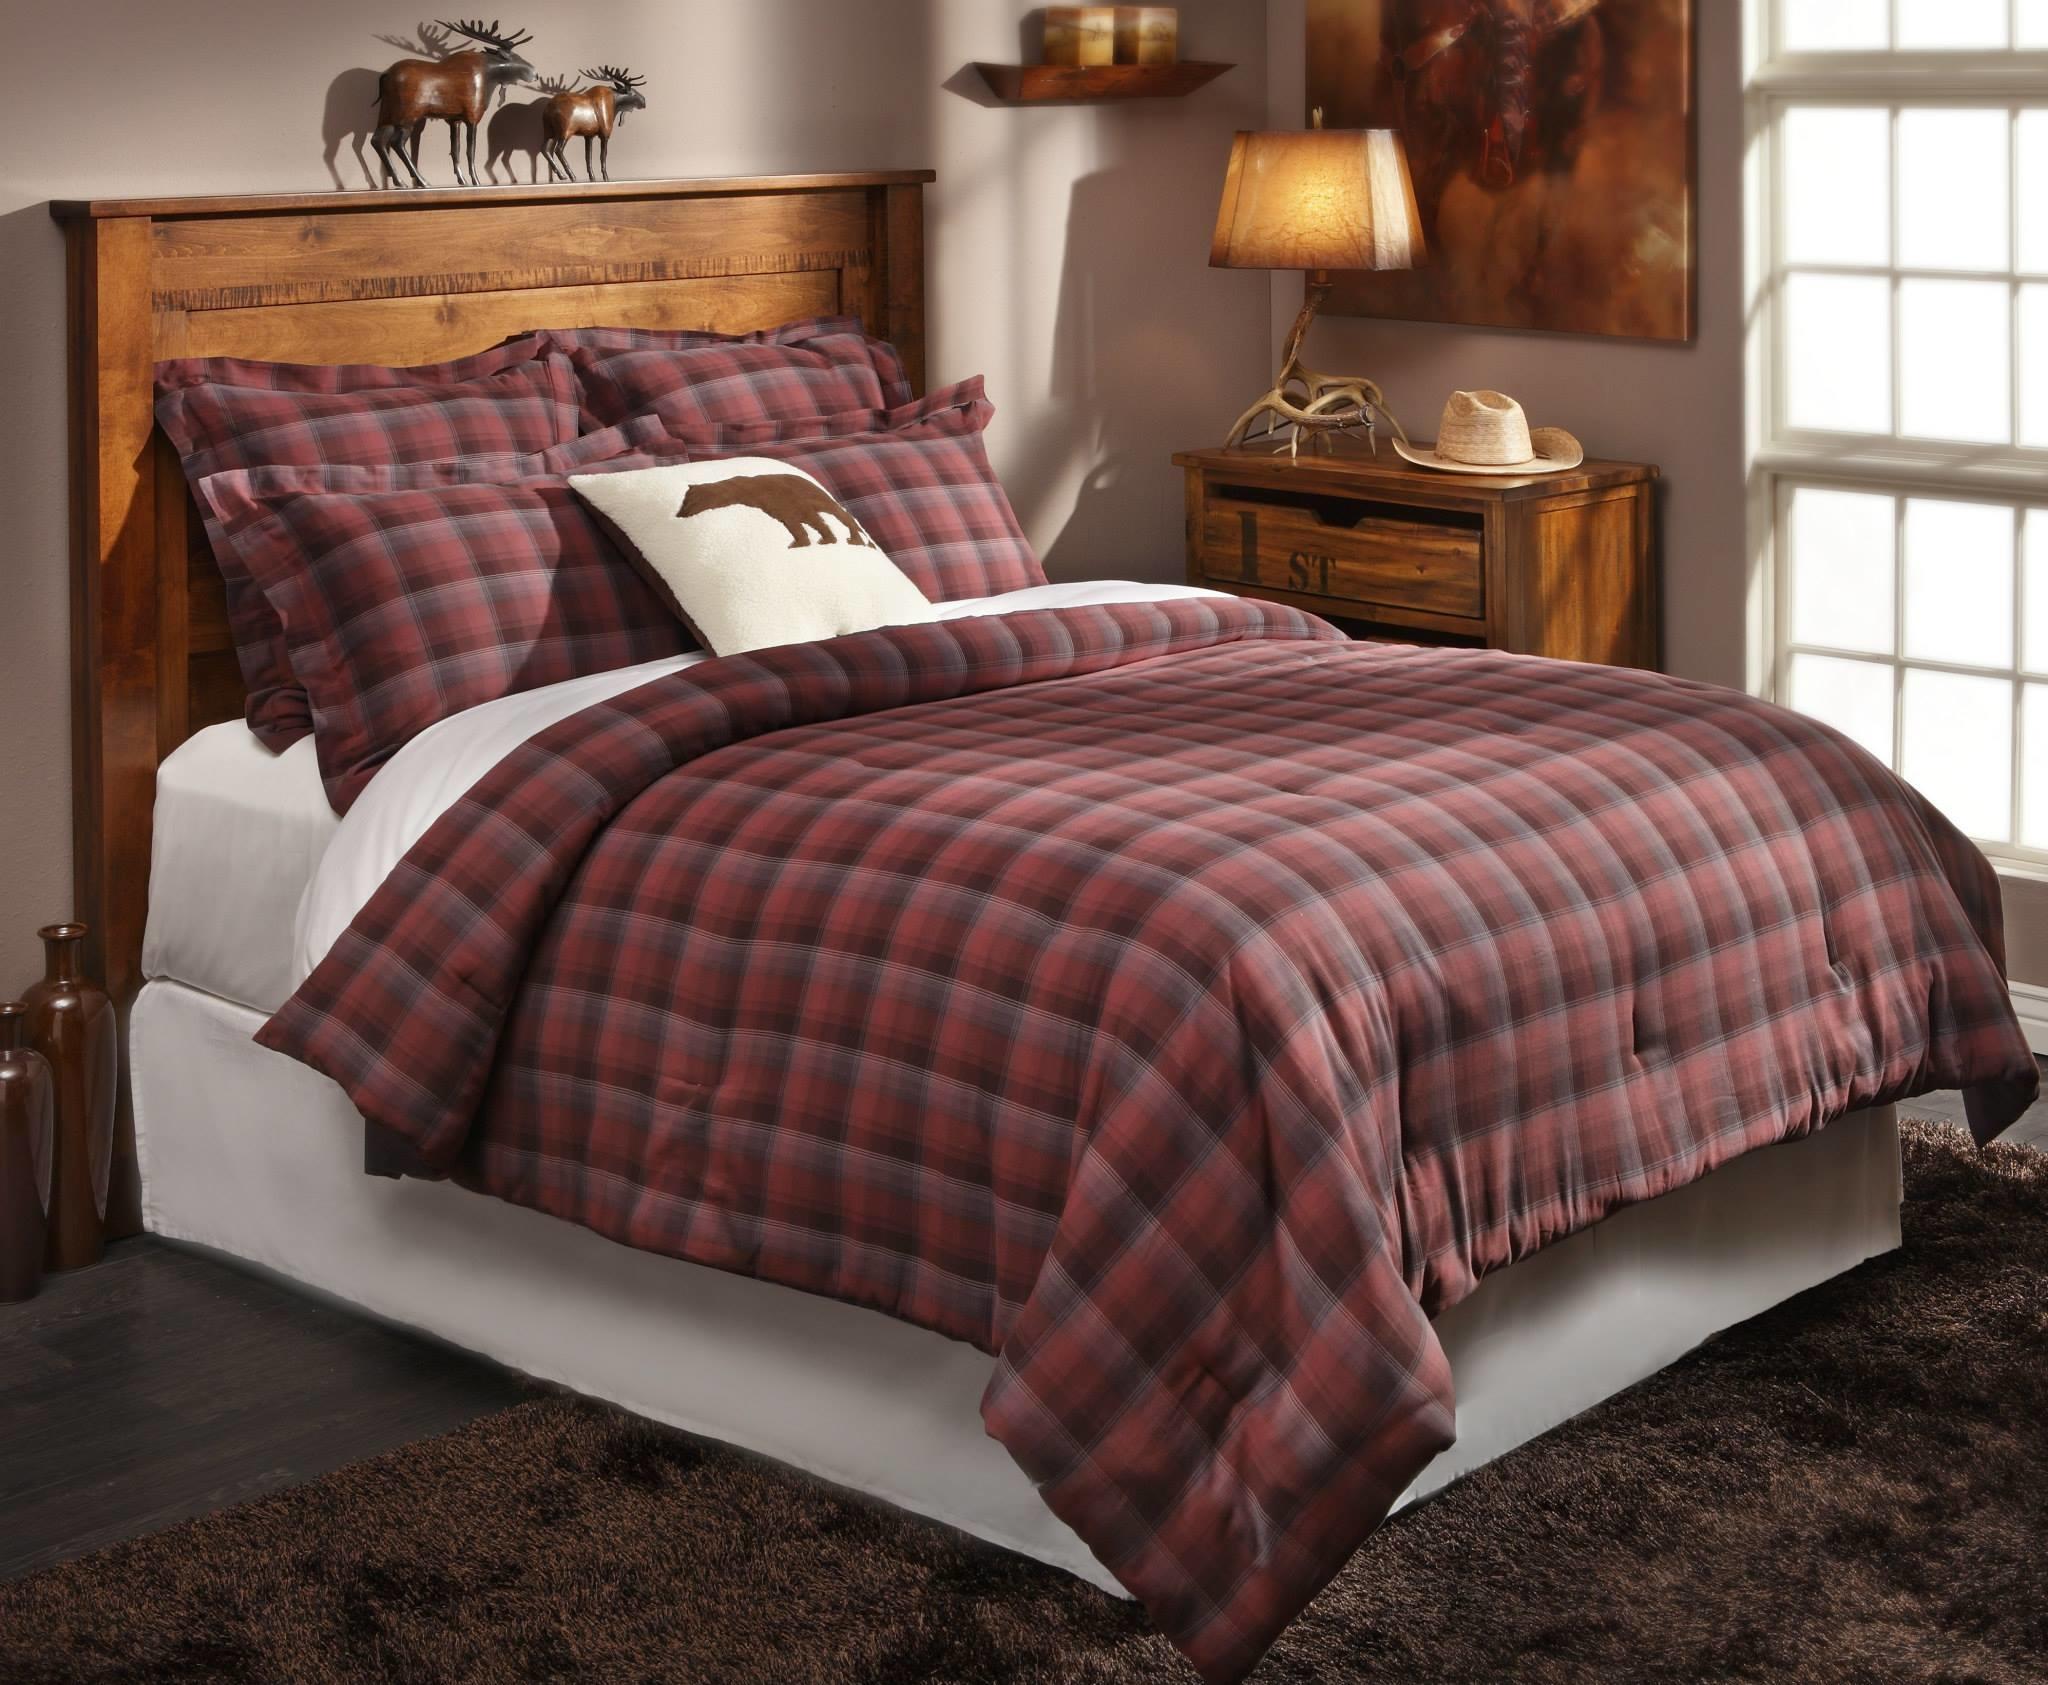 Bedroom Expressions 2700 W. Loop 250 N. Suite BE, Inside the ...